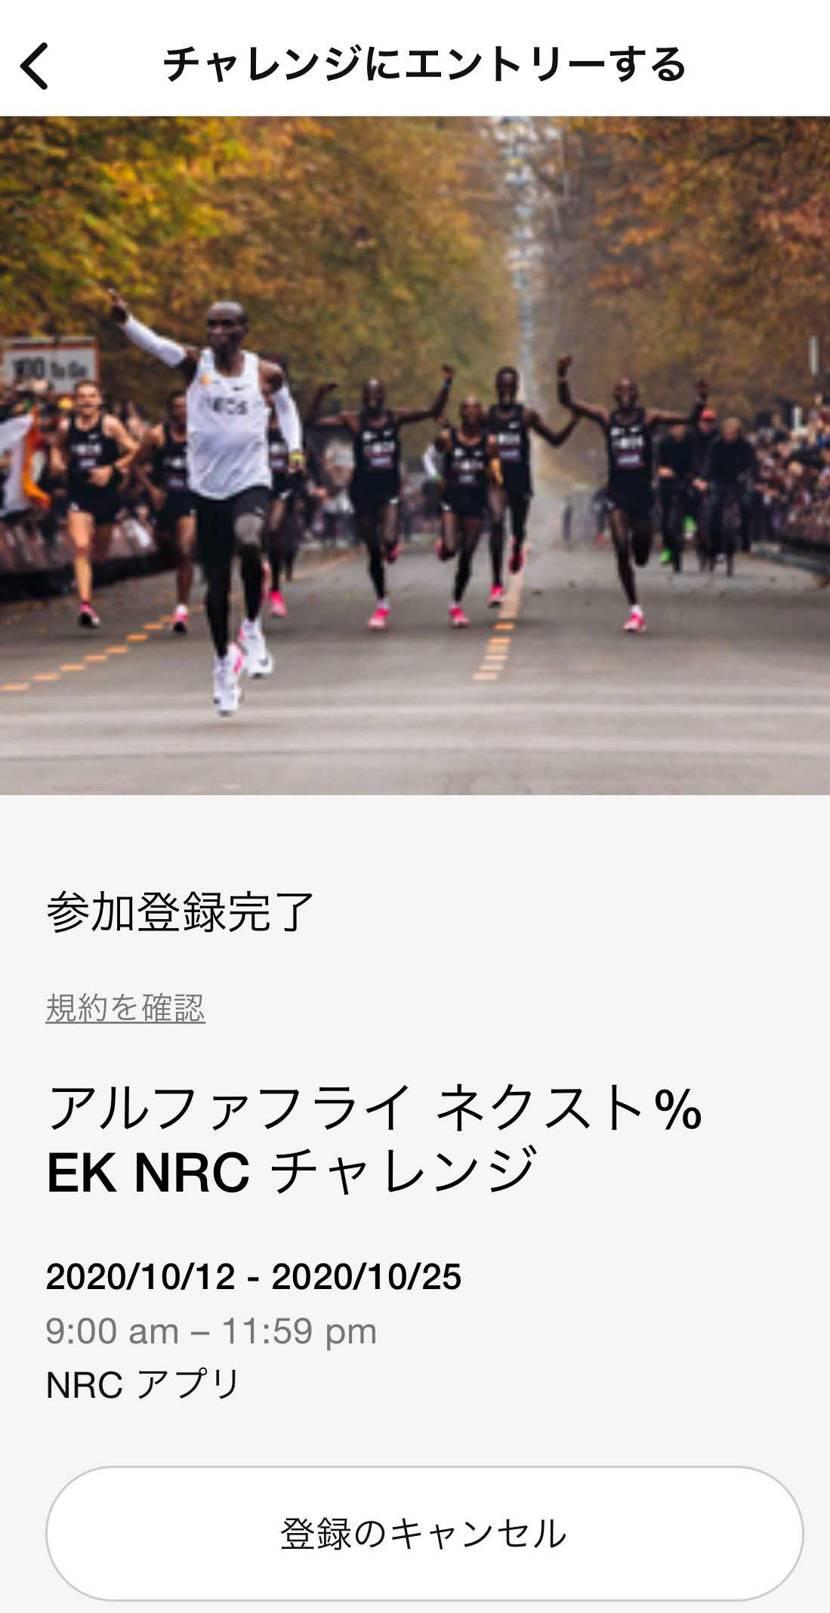 しがない一般市民ランナー(35歳♂)です。 NRCのチャレンジに参加してみよう